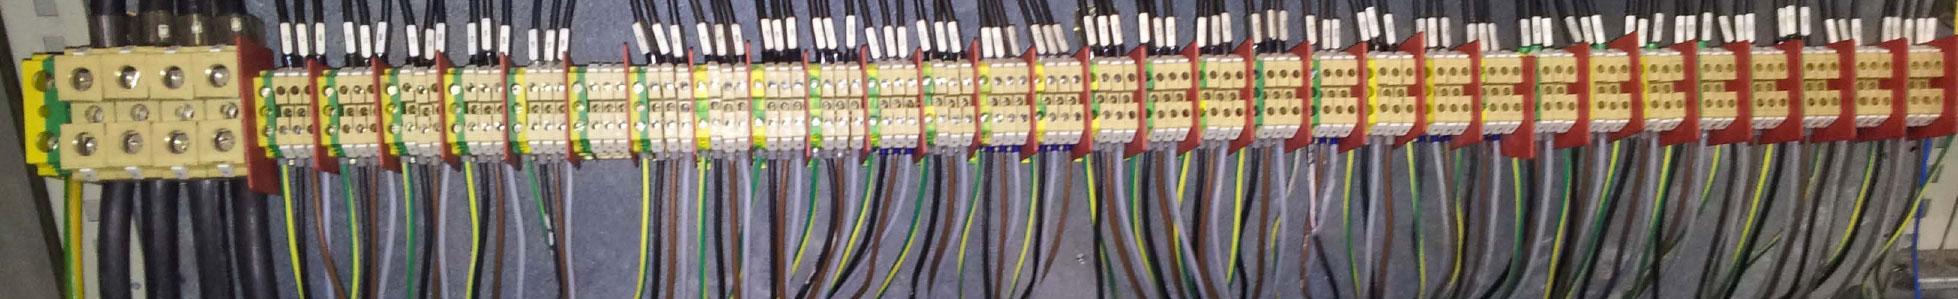 testata elettromeccanica pastorino